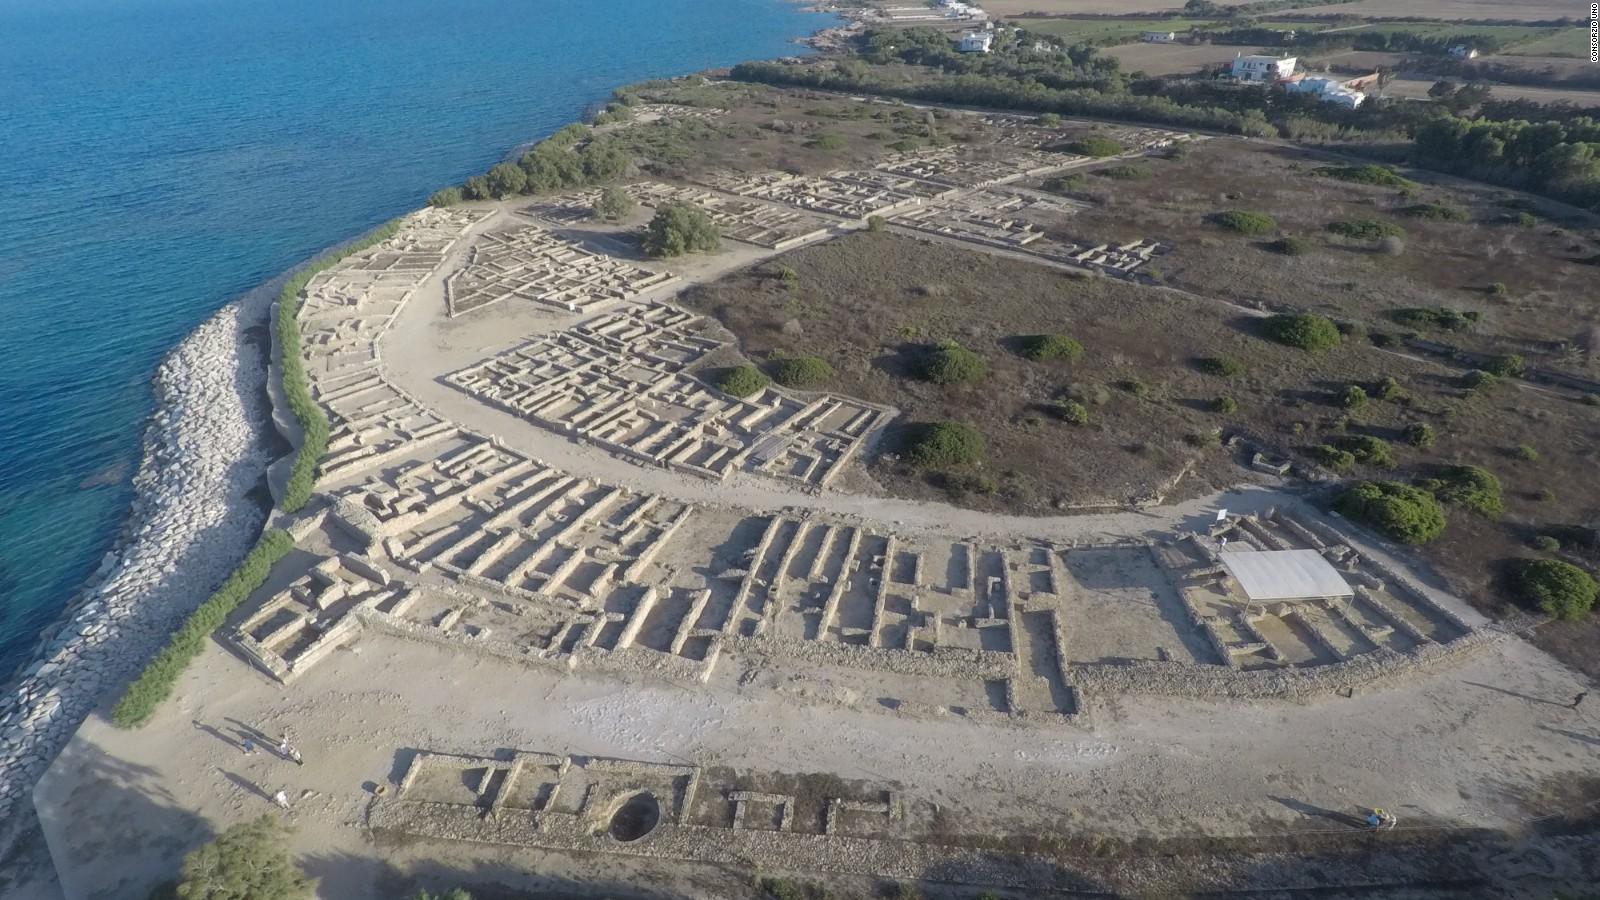 ancient roman city found underwater cnn video